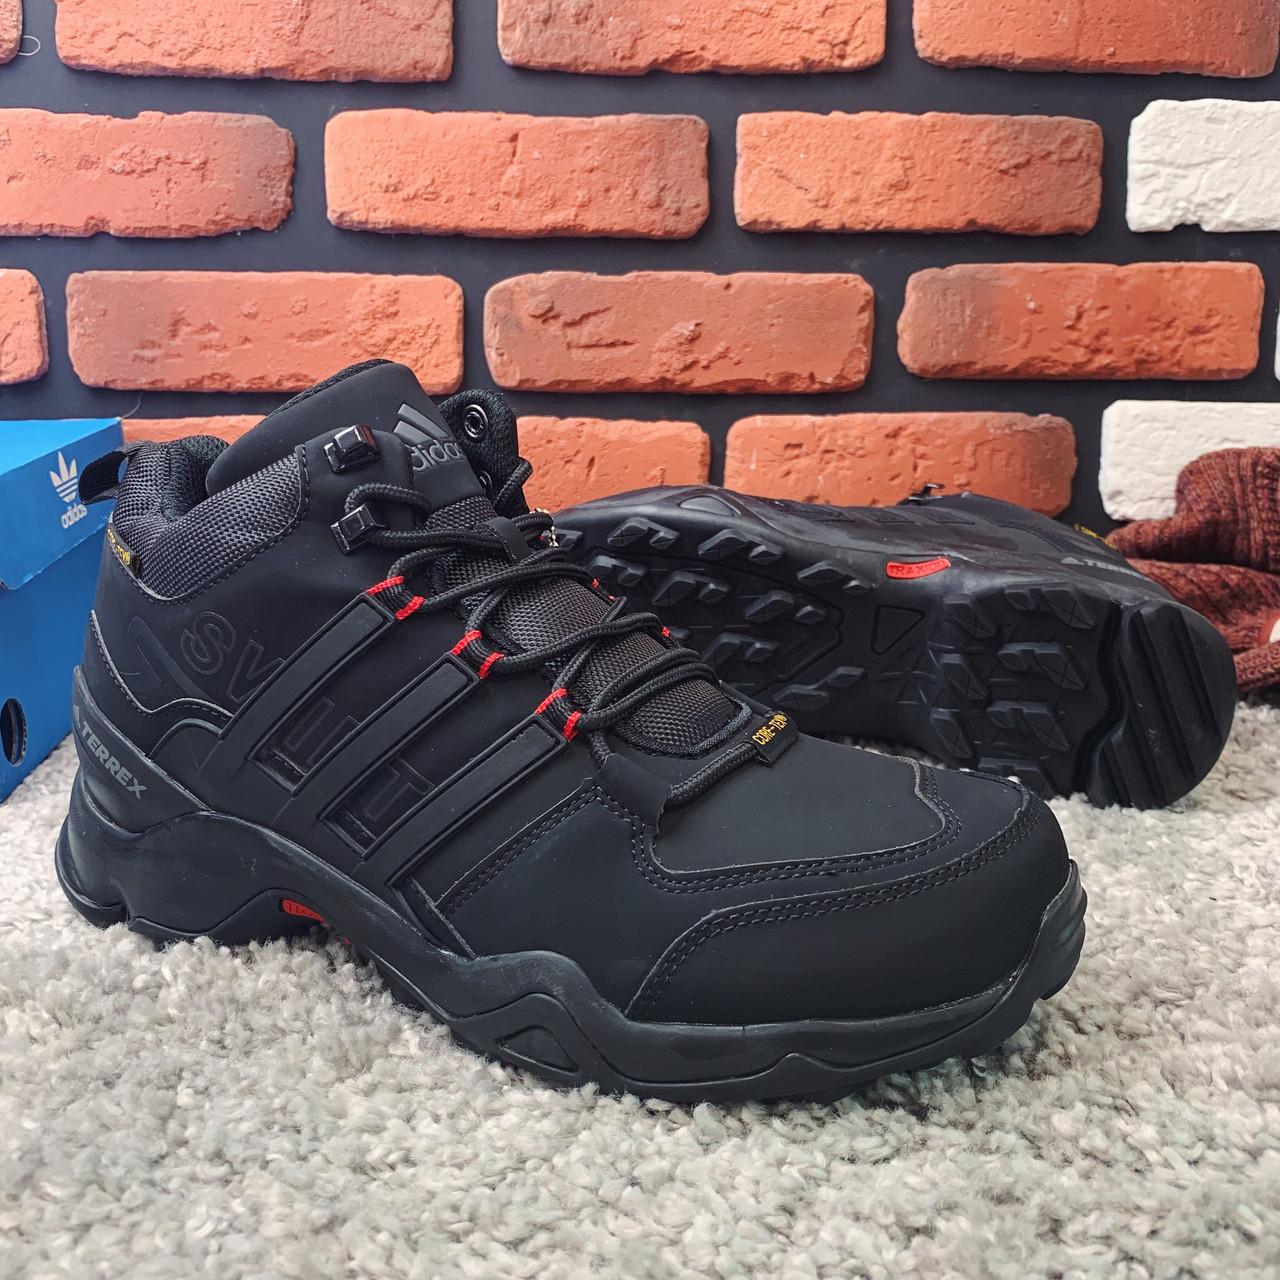 Зимние ботинки (на меху) мужские Adidas Terrex (реплика) 3-120 ⏩ [ 43,43,44,44 ]